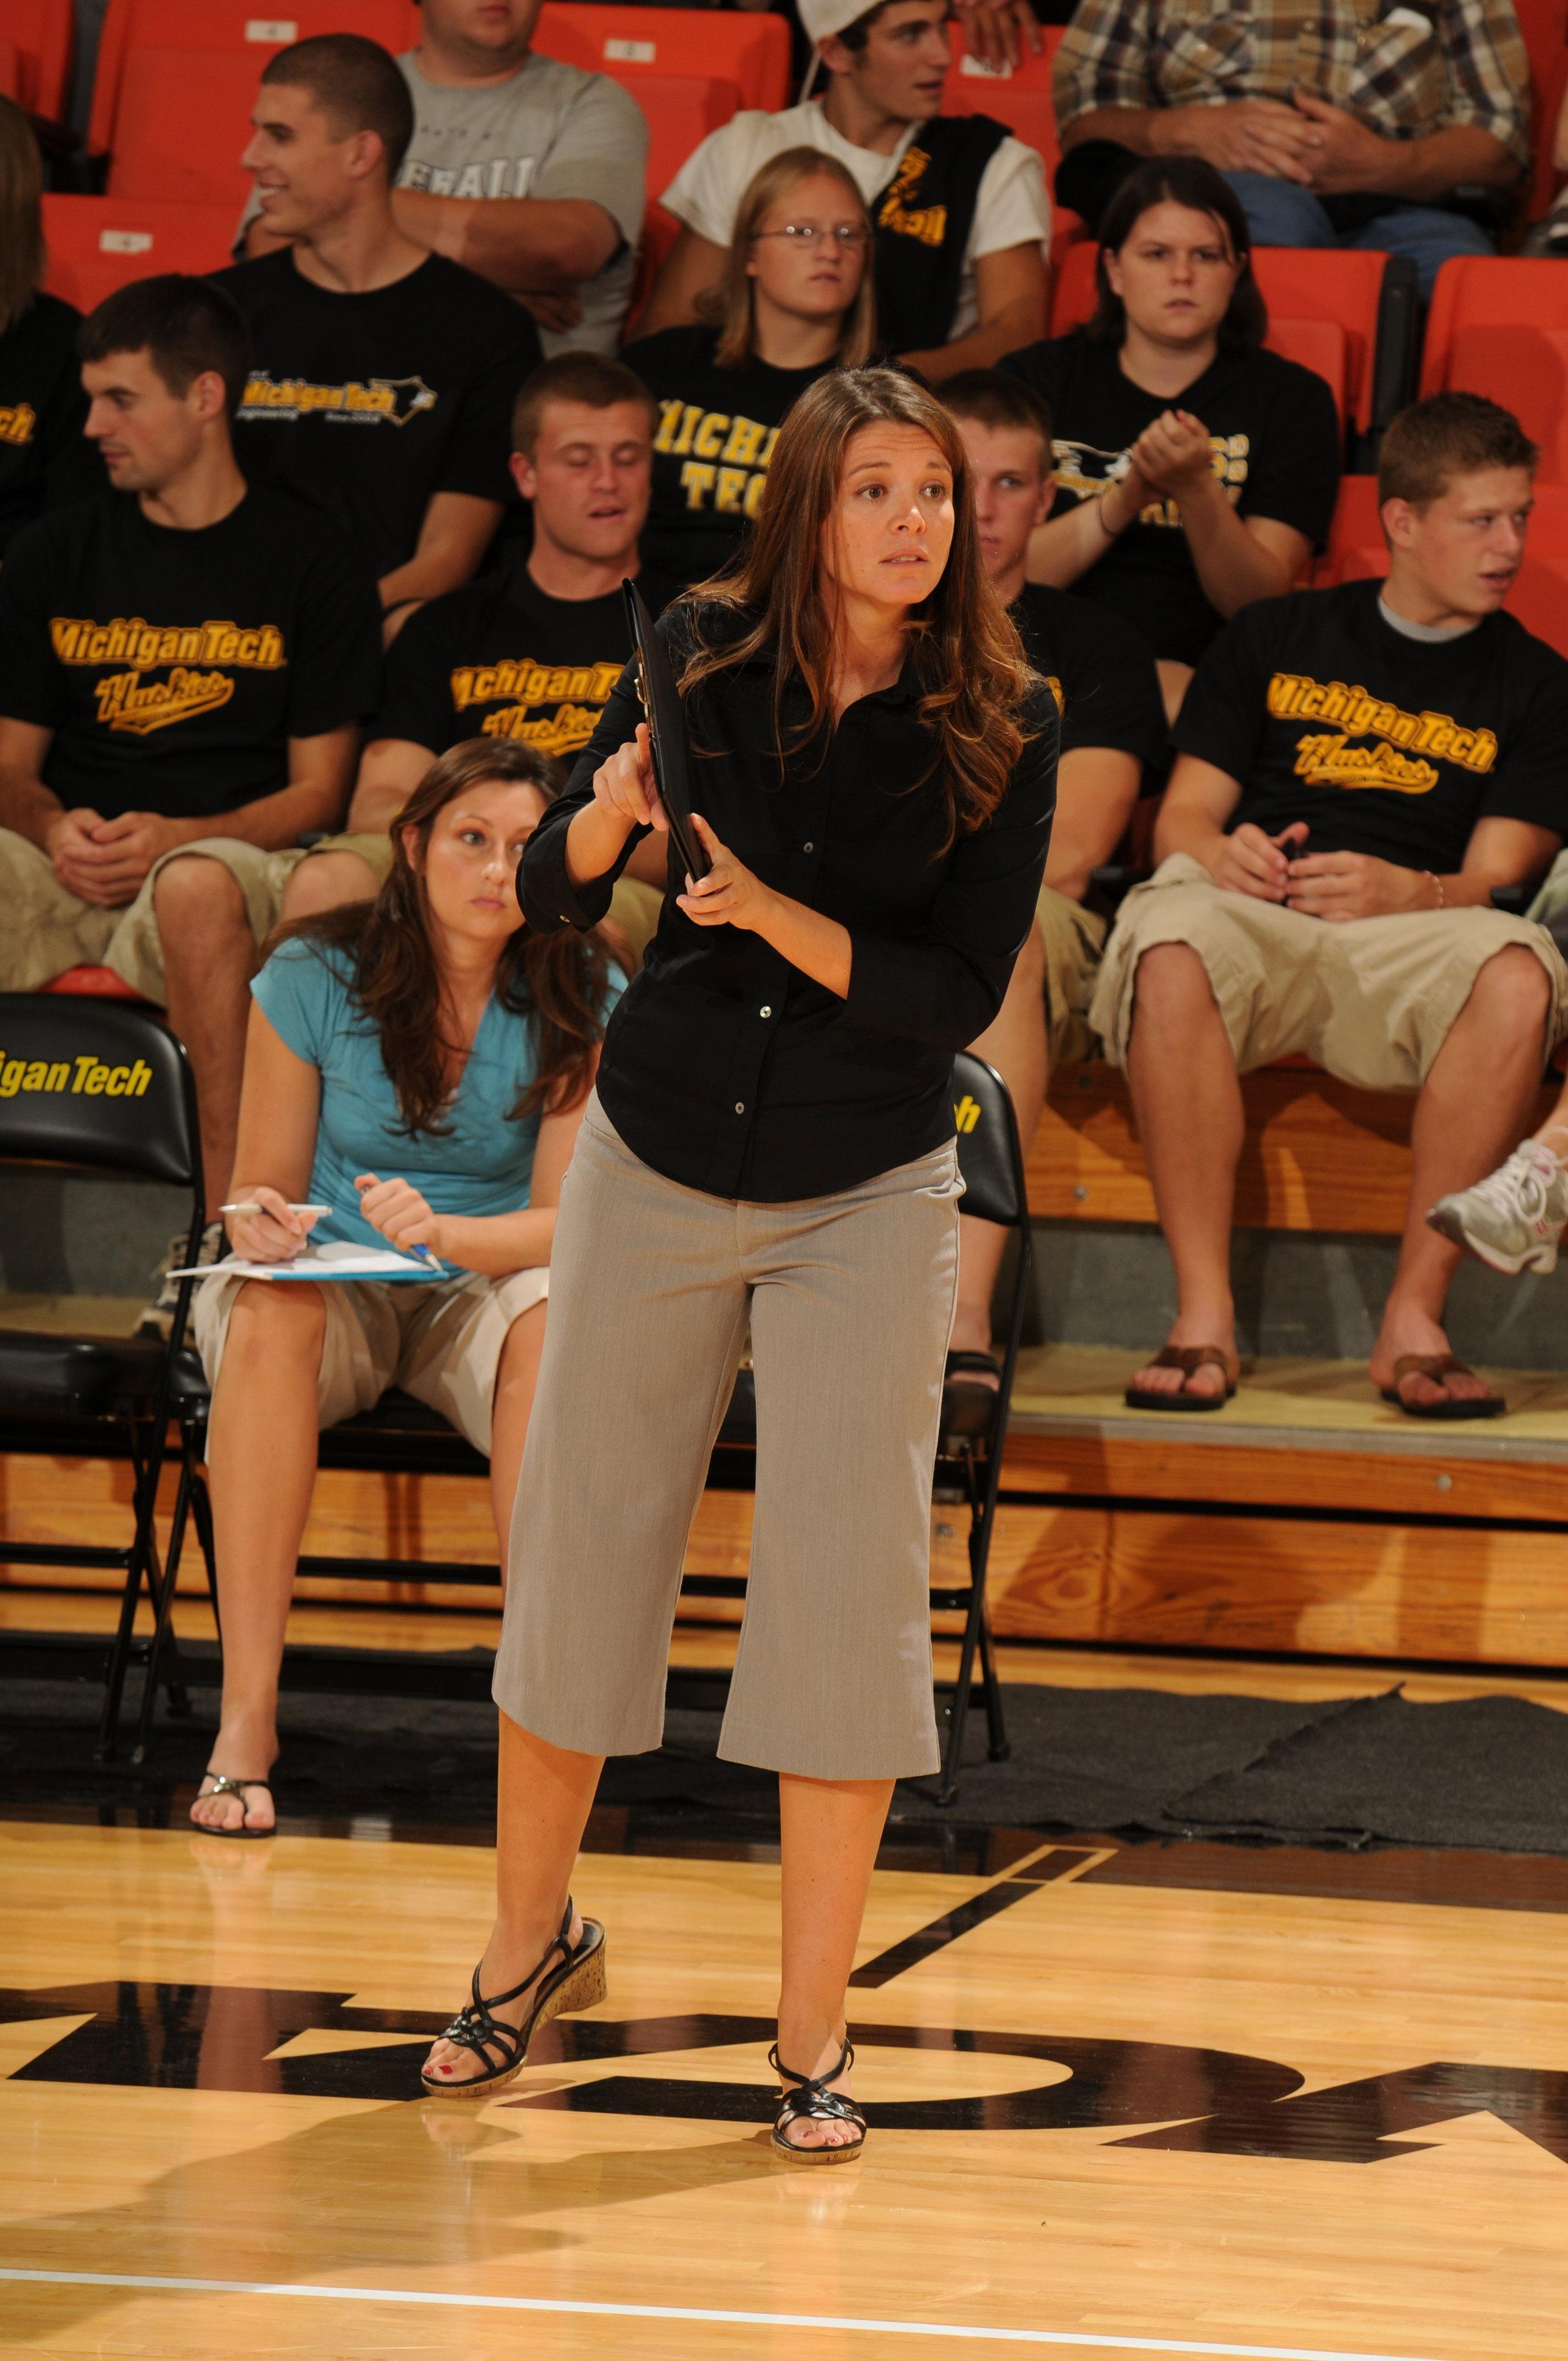 CoachMikesch2.2008.JPG